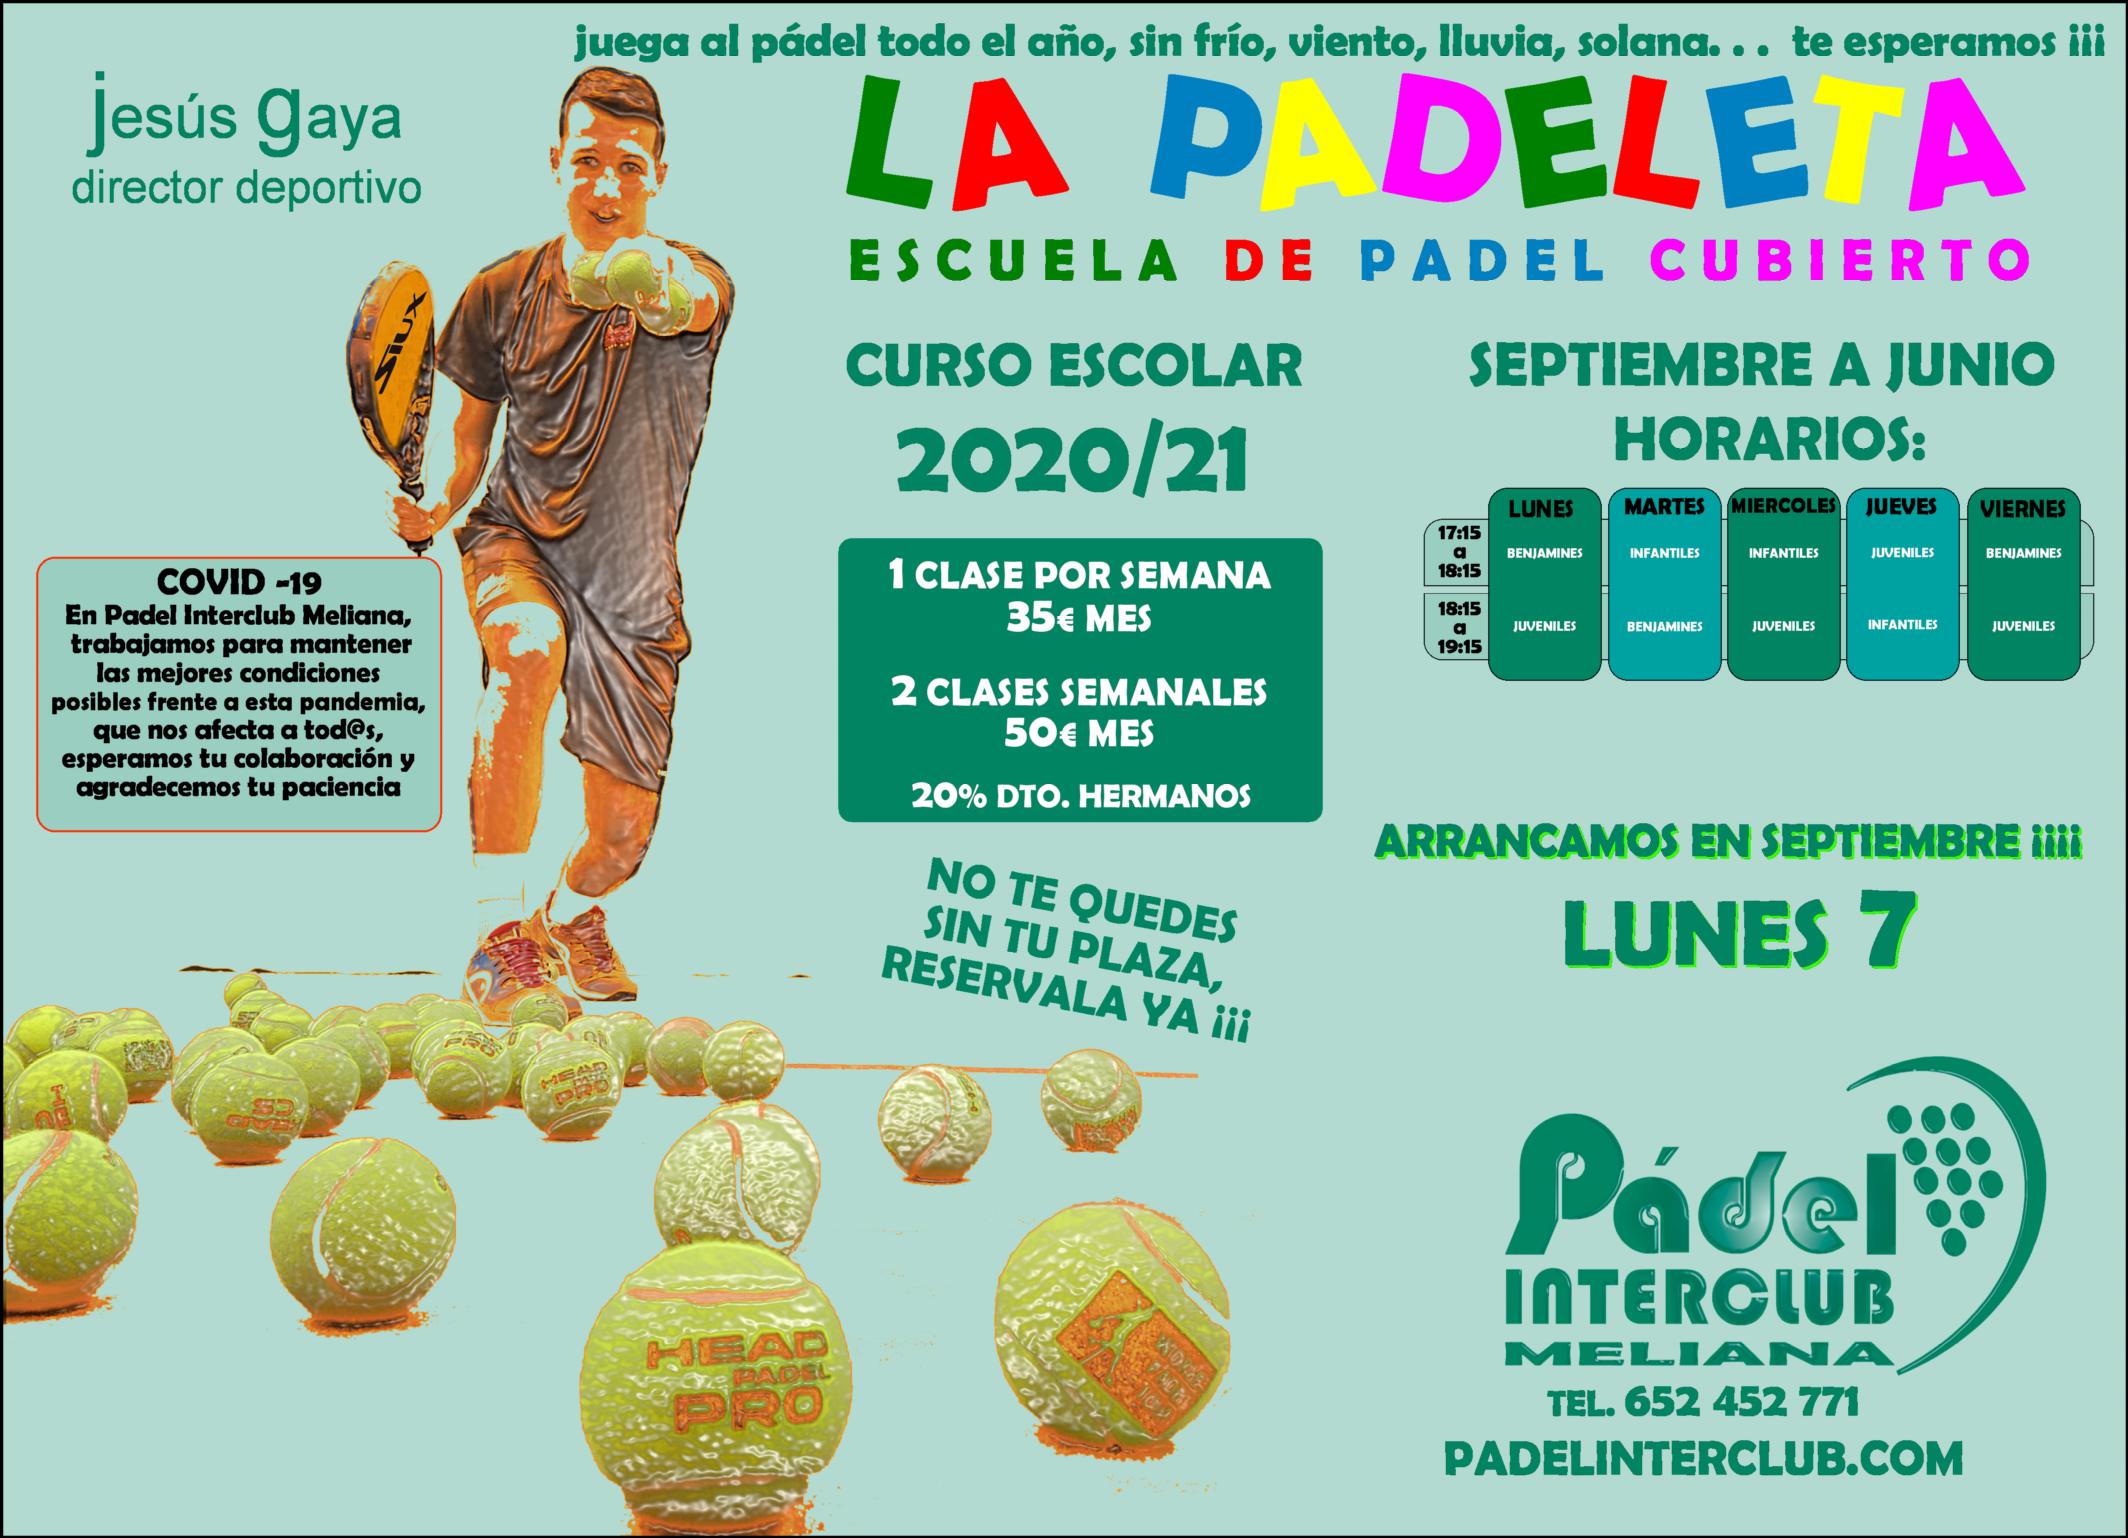 PADELETA 20-21.png